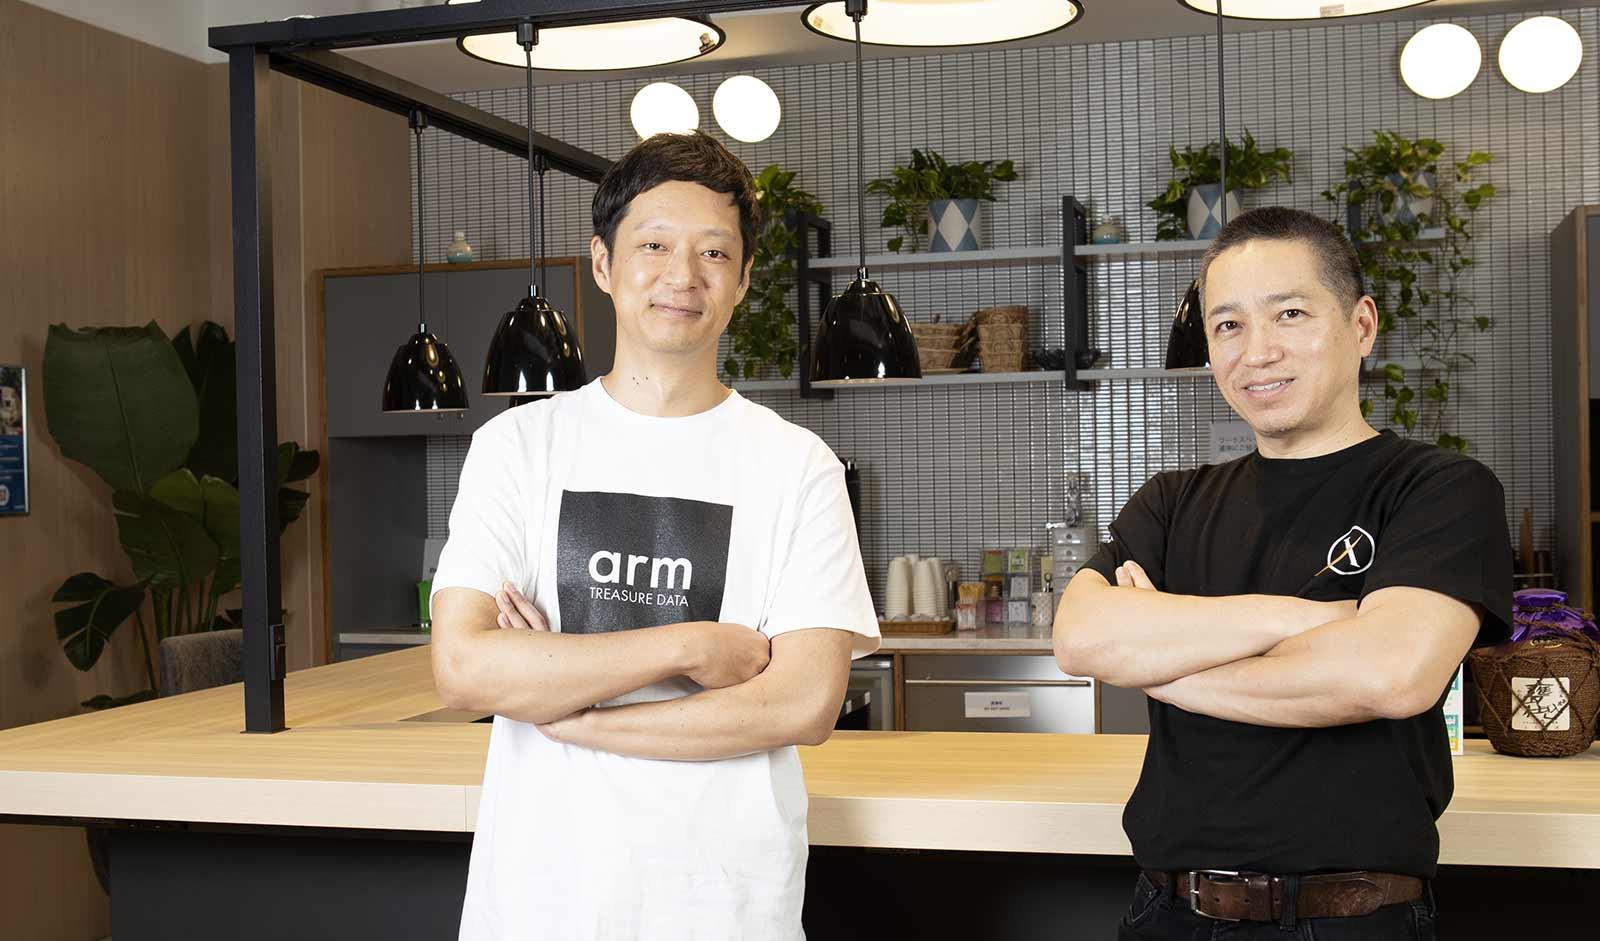 X-TANKコンサルティング CEO 伊藤嘉明氏(右)、トレジャーデータ株式会社 エバンジェリスト 若原強(左)